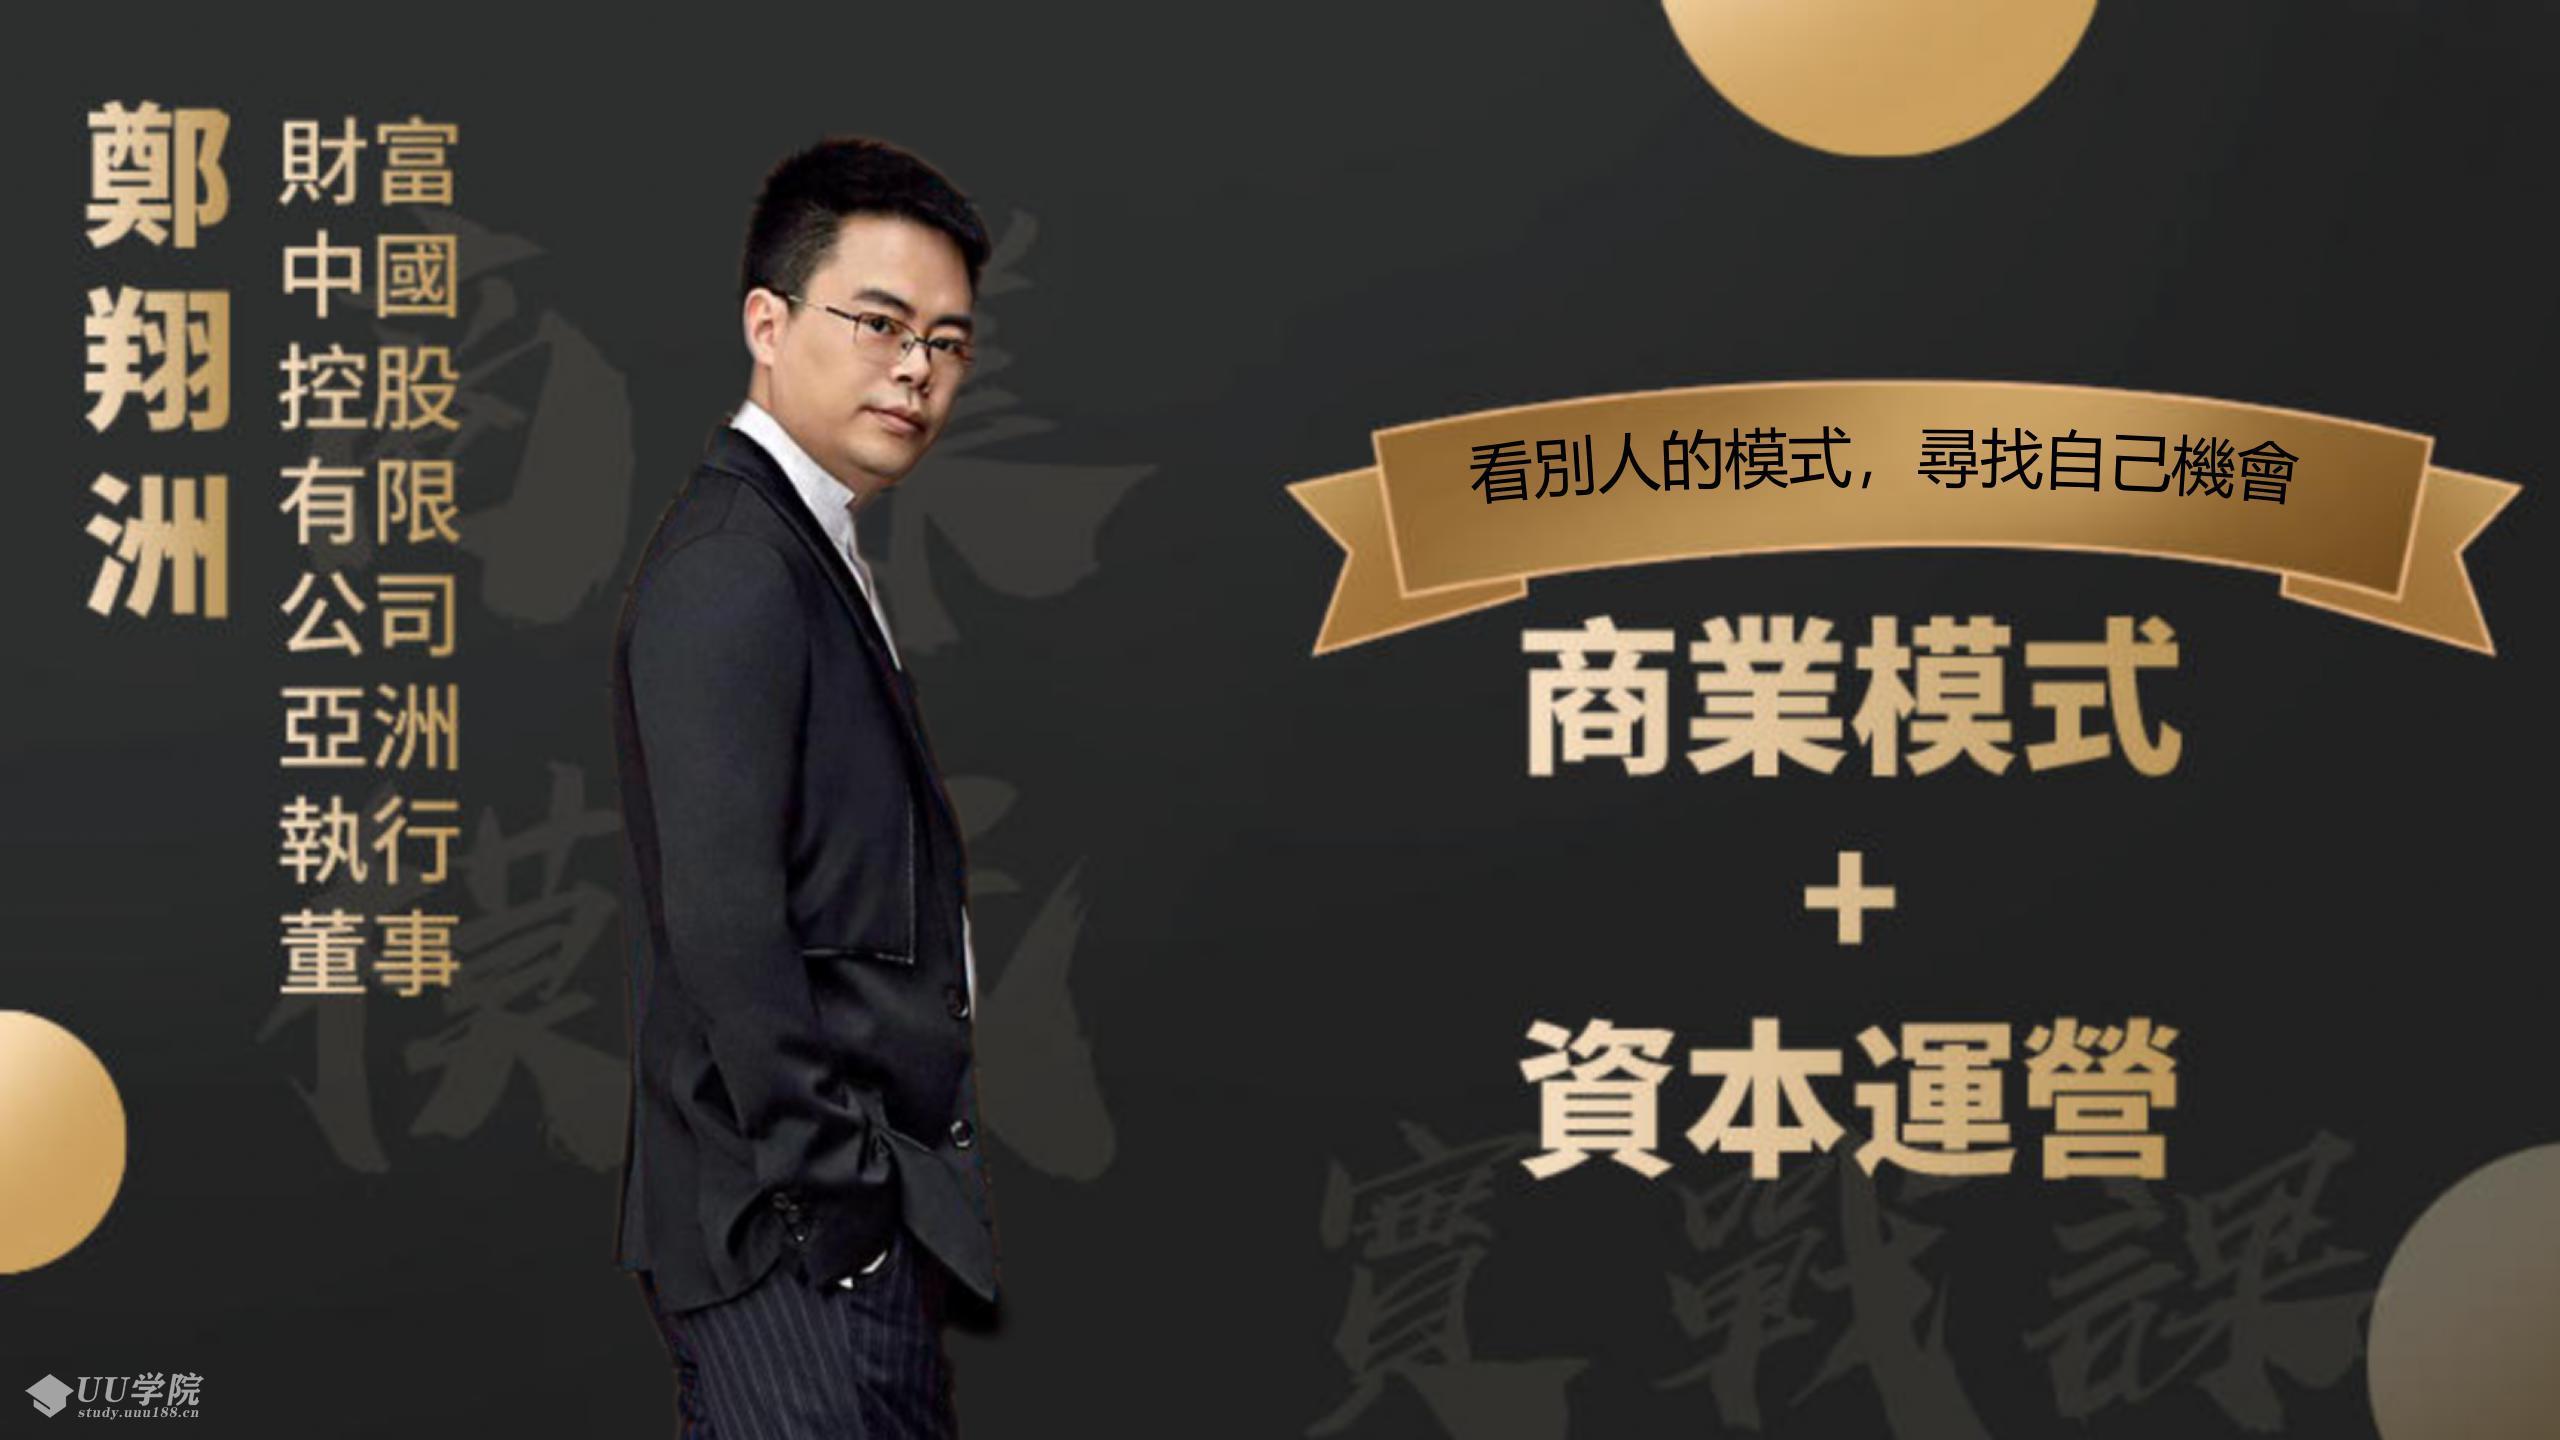 郑翔洲 商业模式+资本运营,看别人的模式寻找自己机会